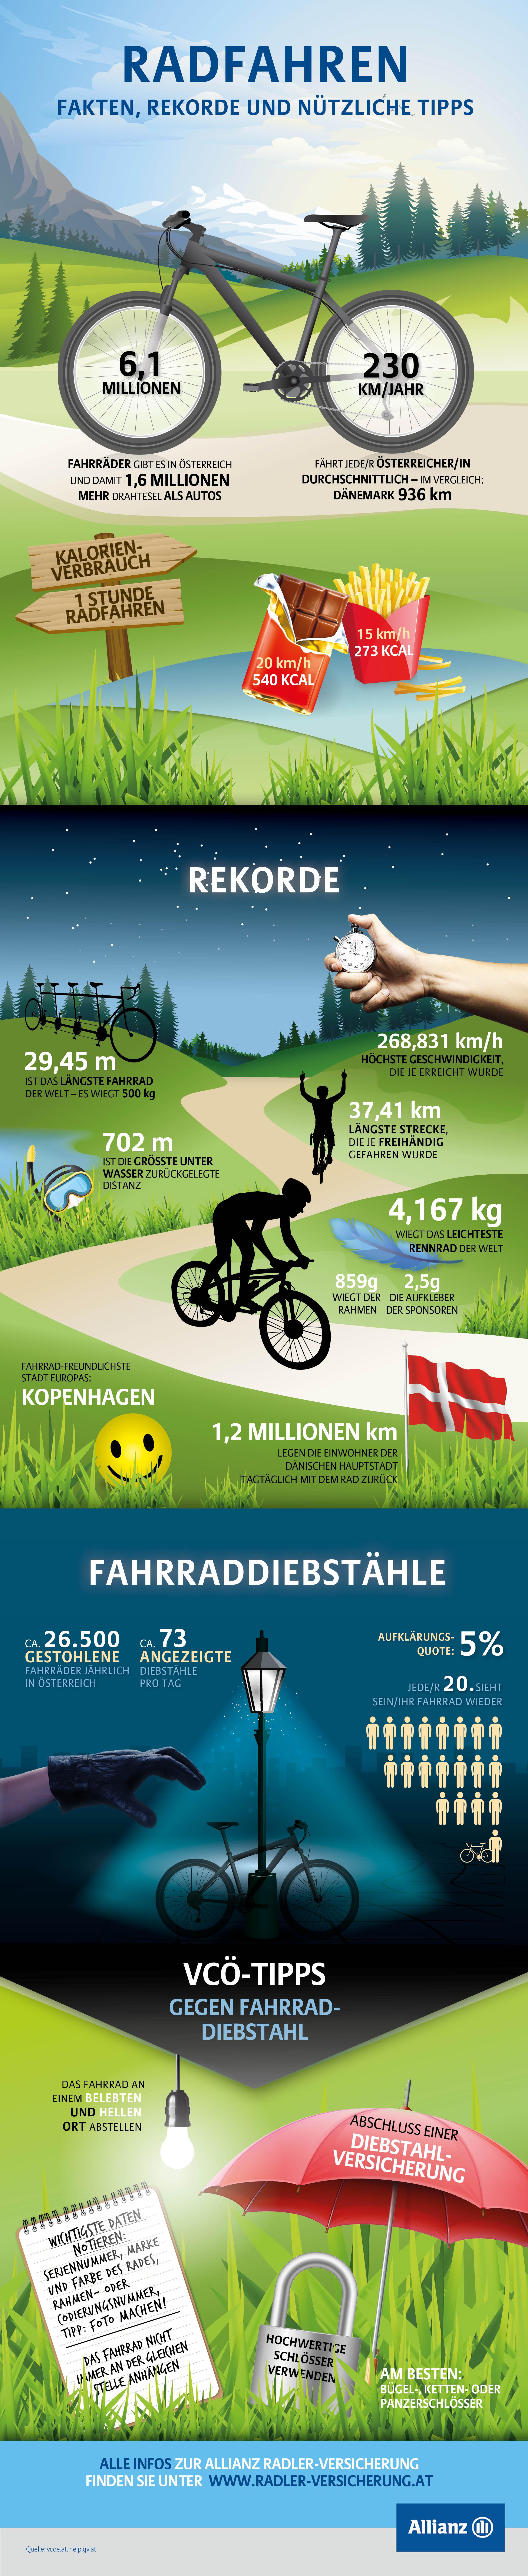 Radfahren Fakten Rekorde Und Nutzliche Tipps Infografik